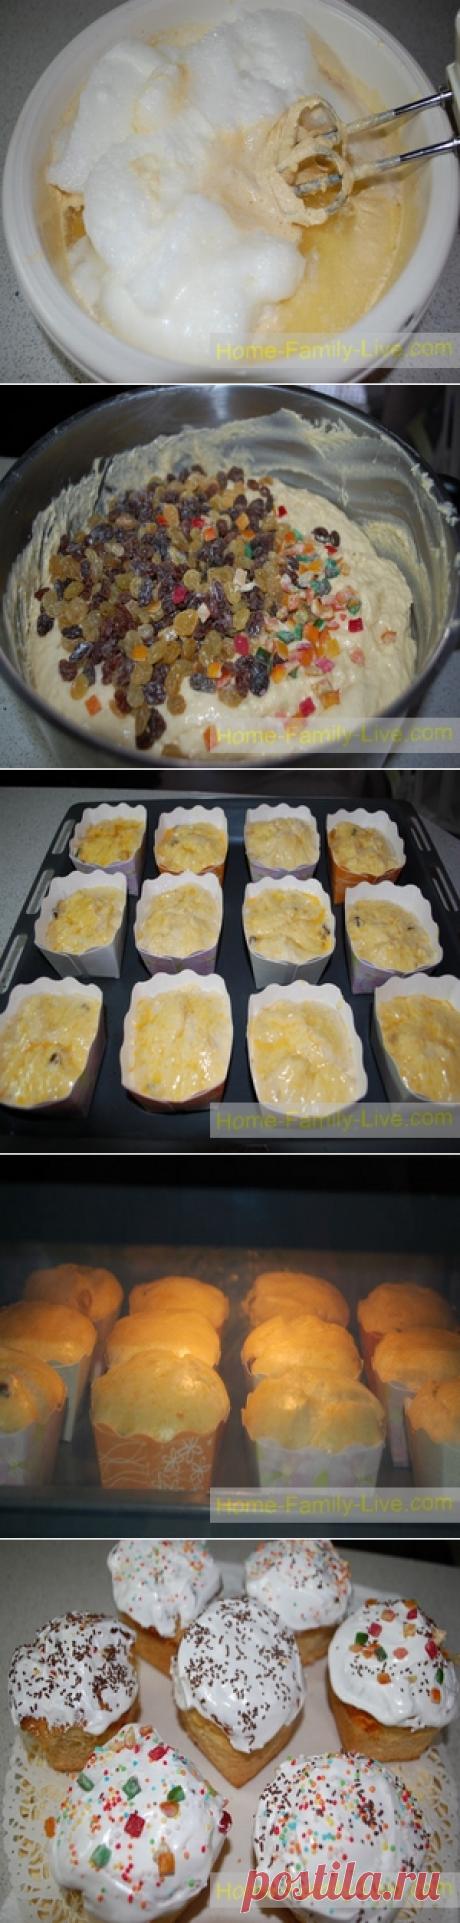 Кулич пасхальный - пошаговый фото рецептКулинарные рецепты